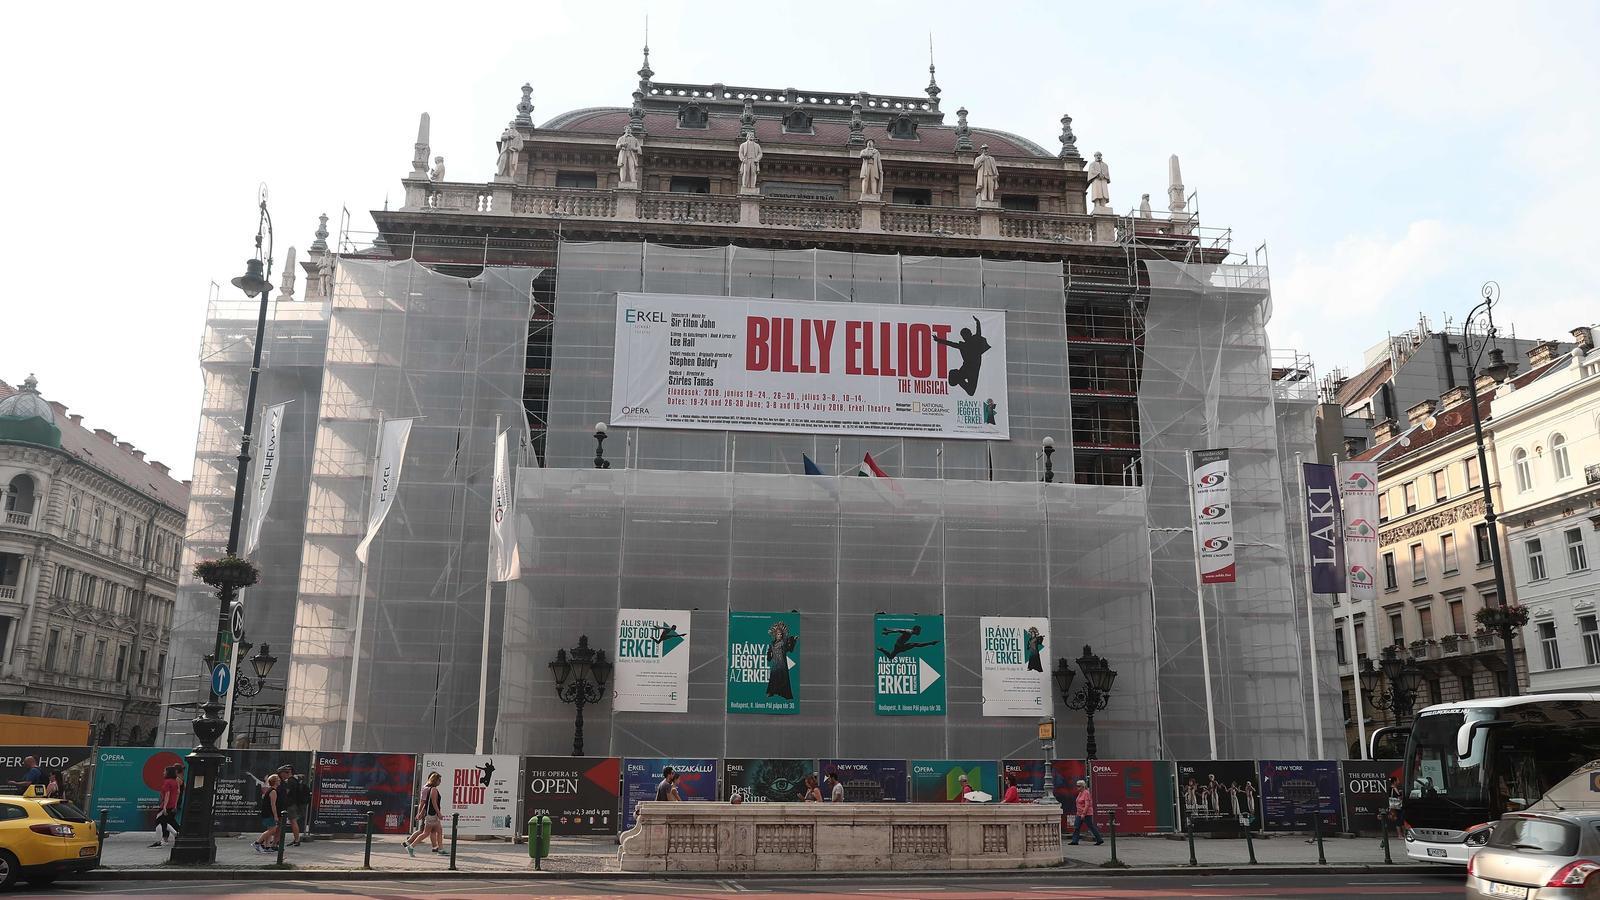 L'edifici de l'Òpera de Budapest, en obres i amb la pancarta de l'obra de 'Billy Elliot' que s'ha suspès per una campanya homòfoba